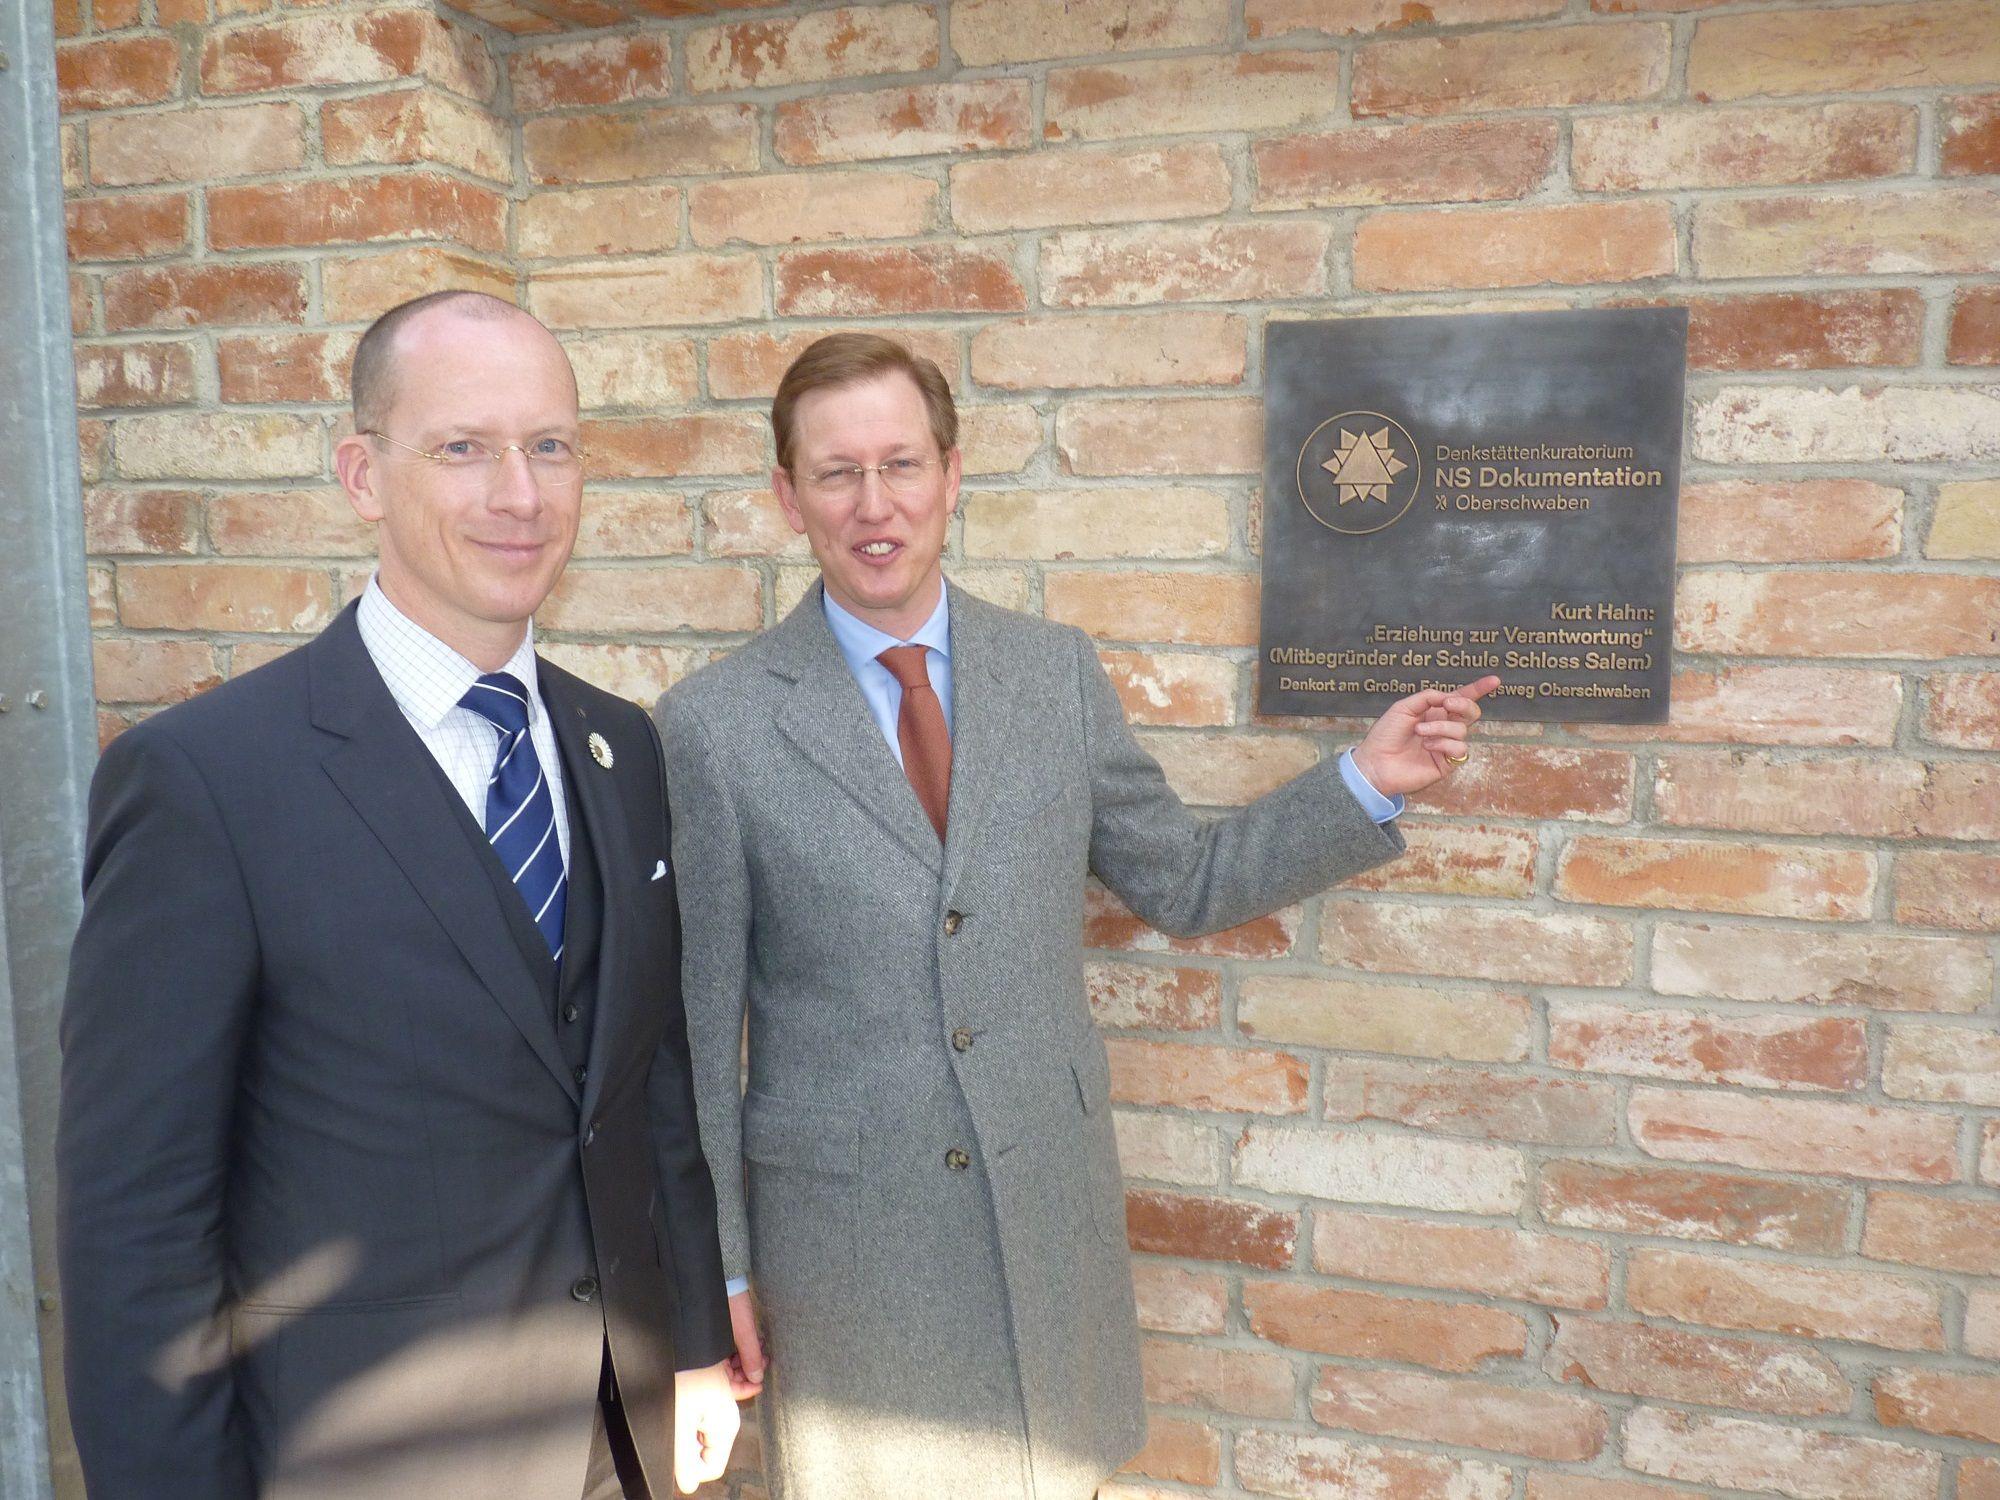 Seit Mitte März erinnert im Besucherpavillon von Schloss Salem eine Bronzetafel an den Salemer Schulgründer Kurt Hahn